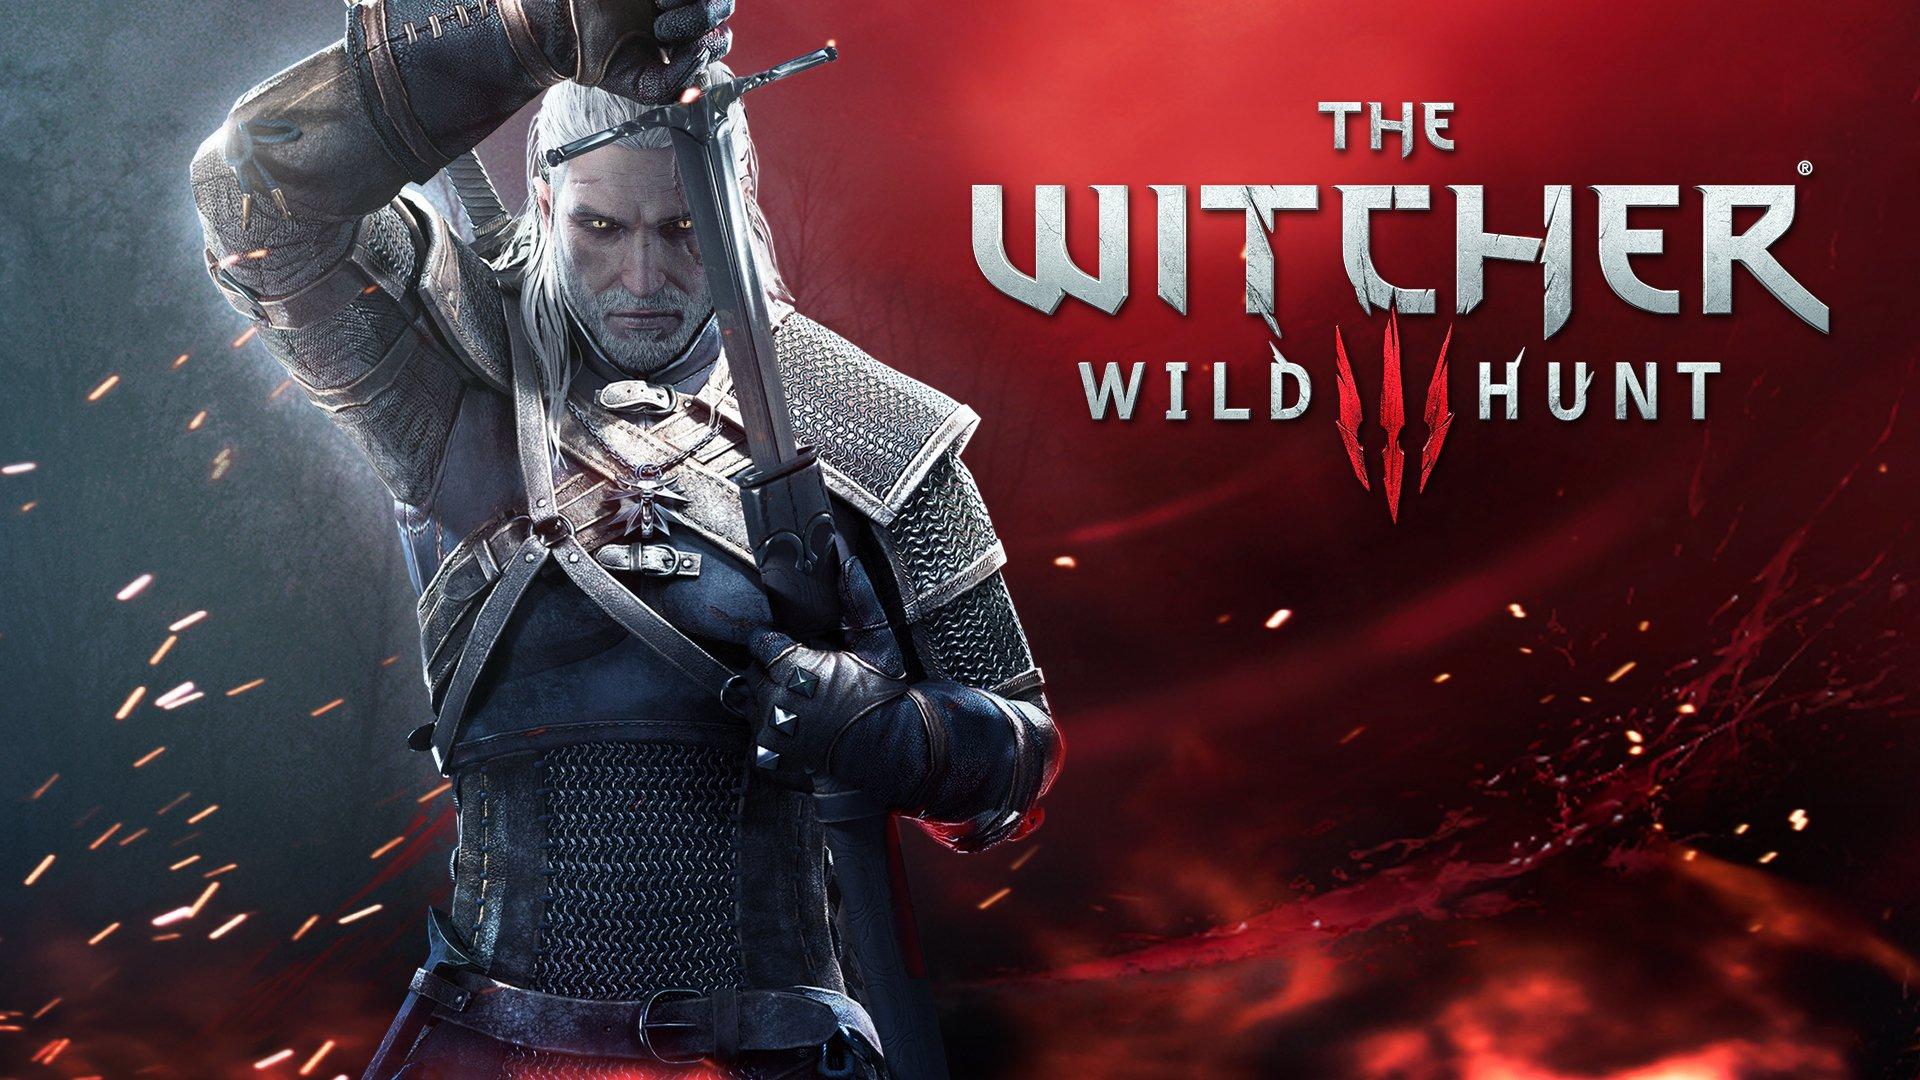 The Witcher 3: Wild Hunt. Размер игровой карты и система загрузок экрана в игре.   Пользователи NeoGAF узнали размер ... - Изображение 1